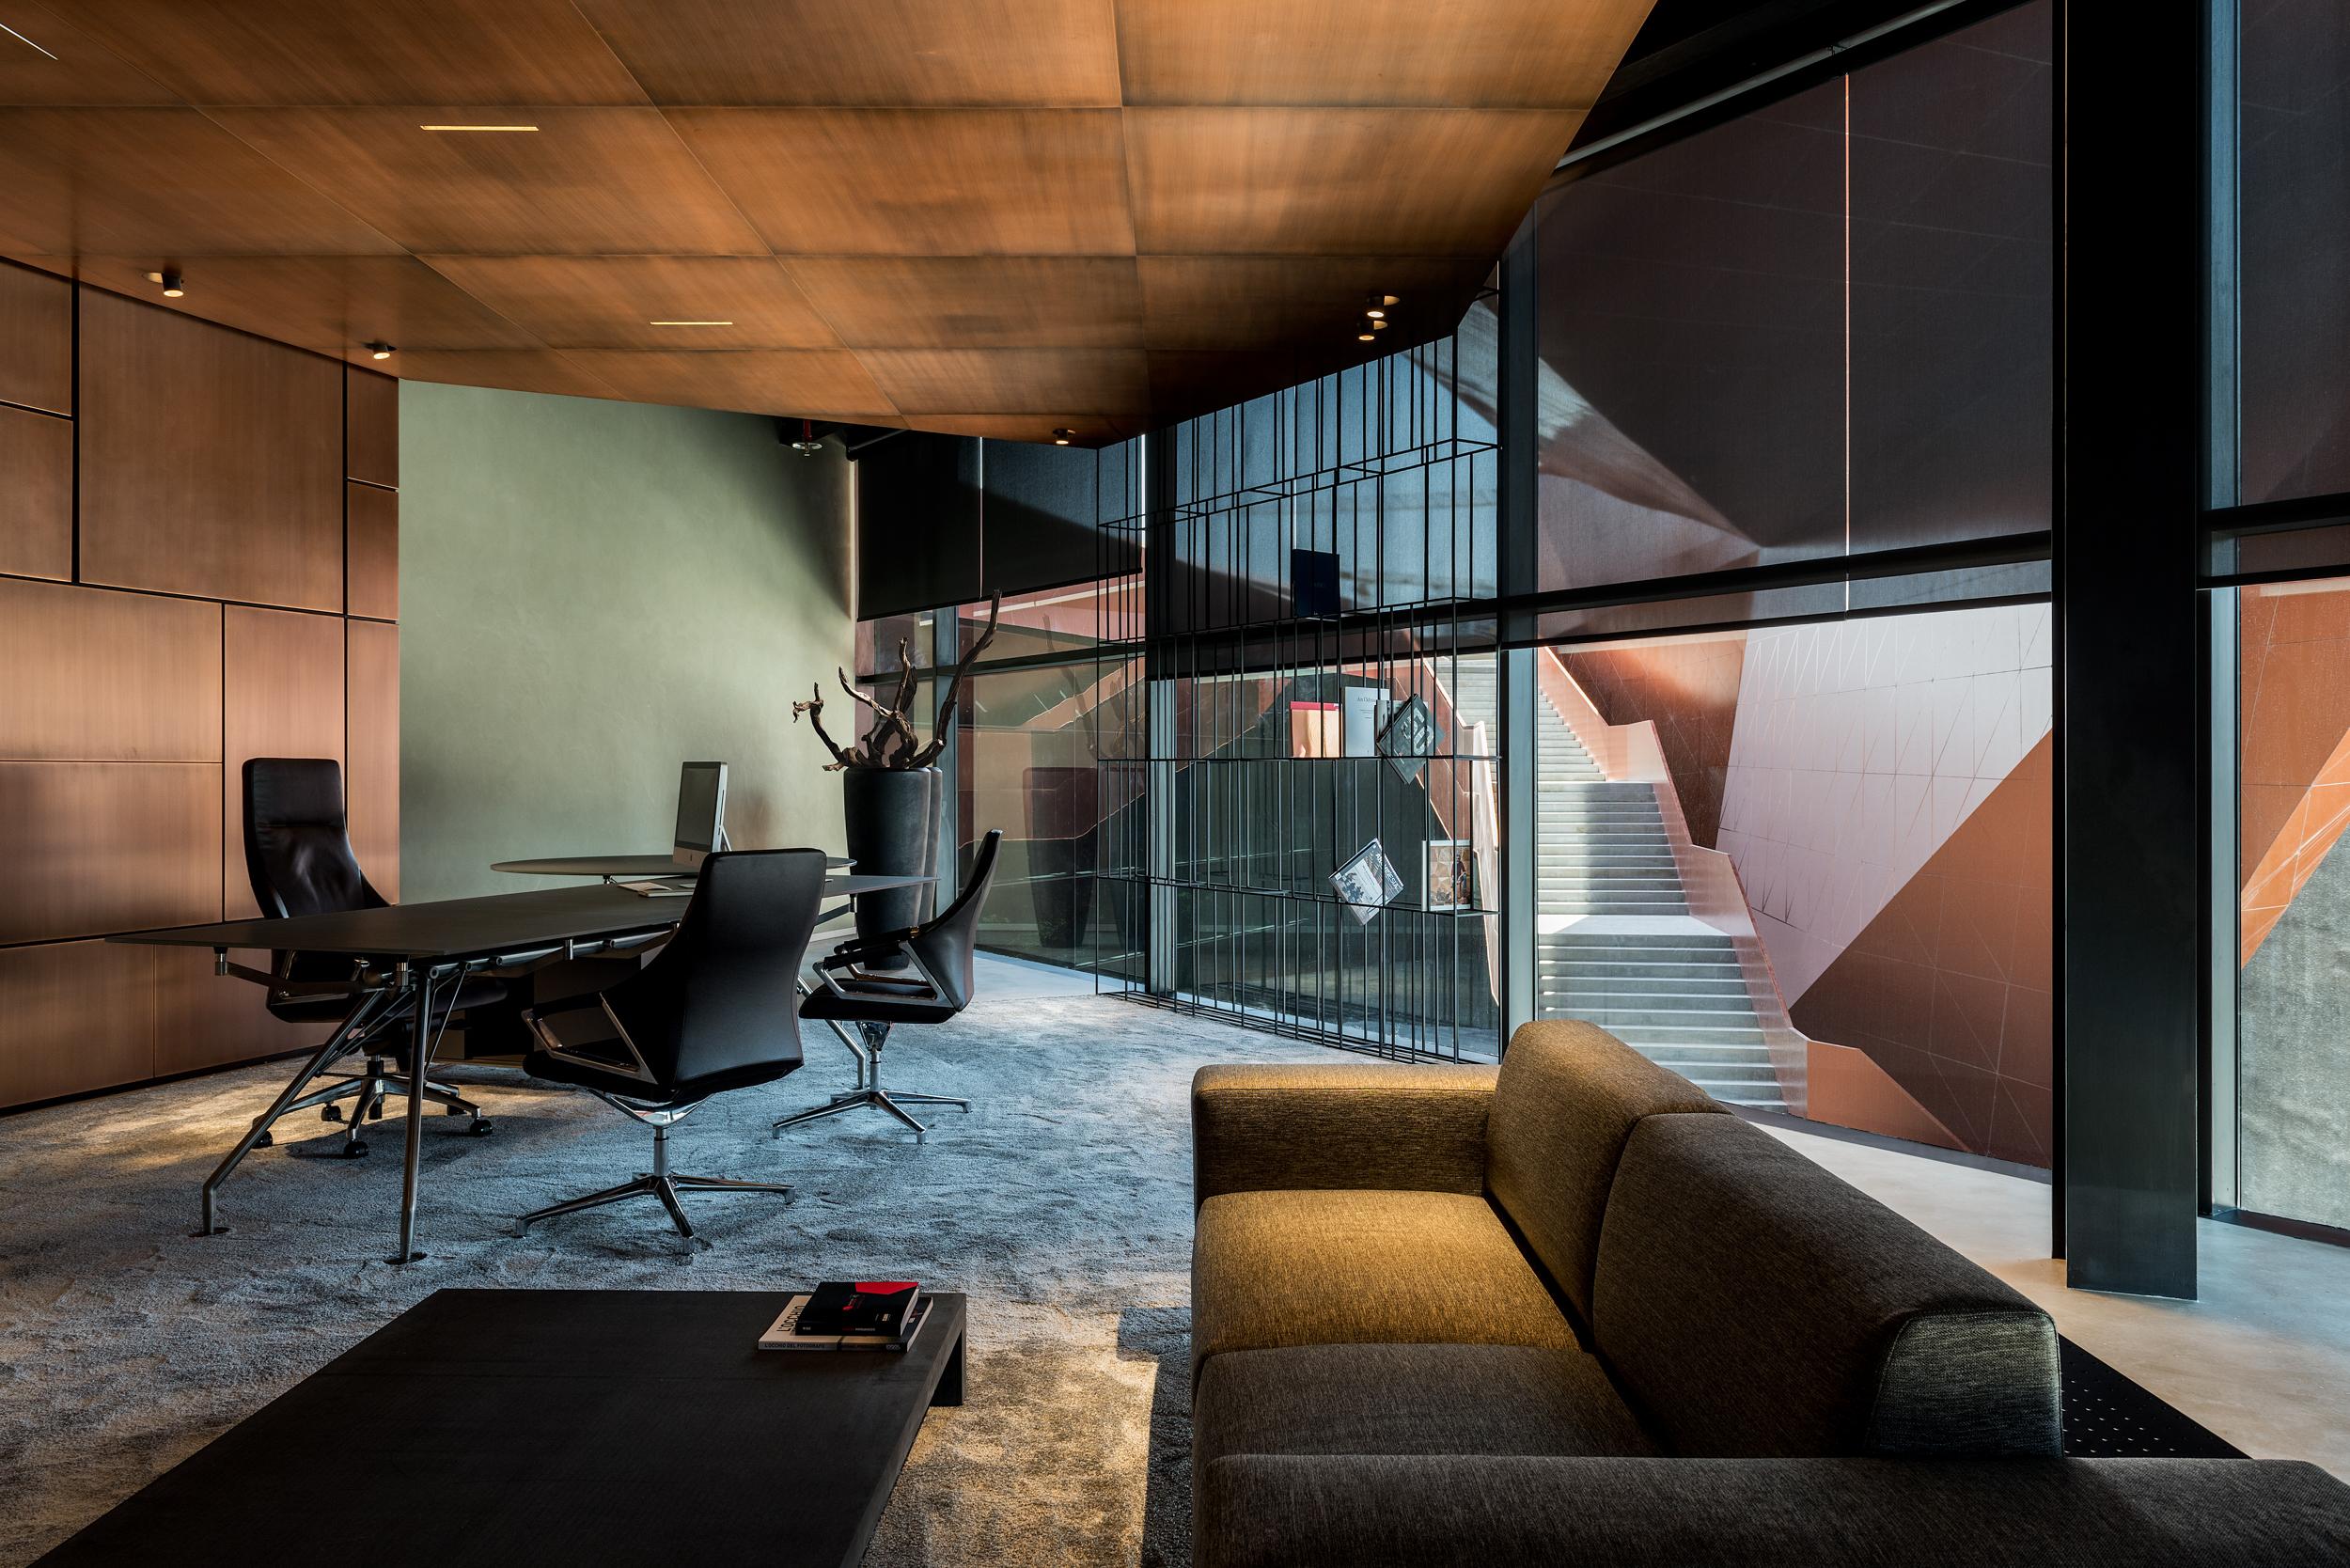 Specchi Per Palestra On Line axiom telecom headquarter - interior | mma projects